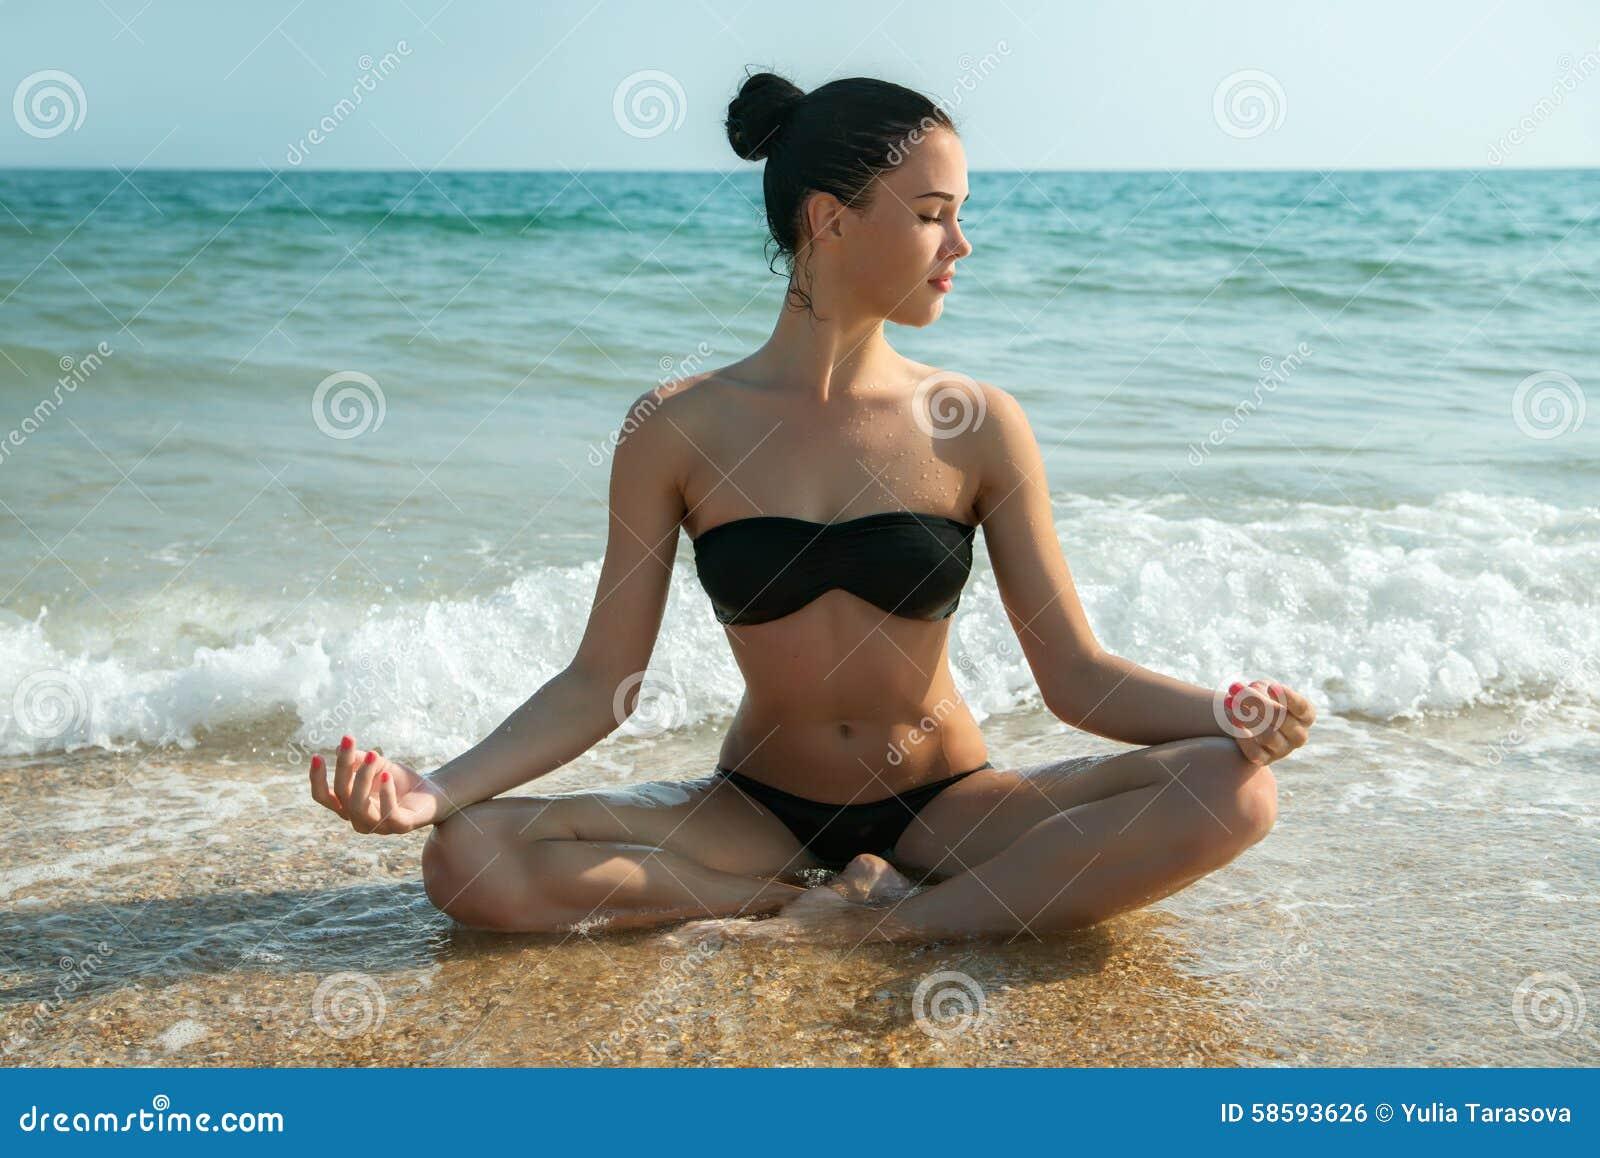 Foto van een mooie vrouw die en op een bea ontspannen mediteren